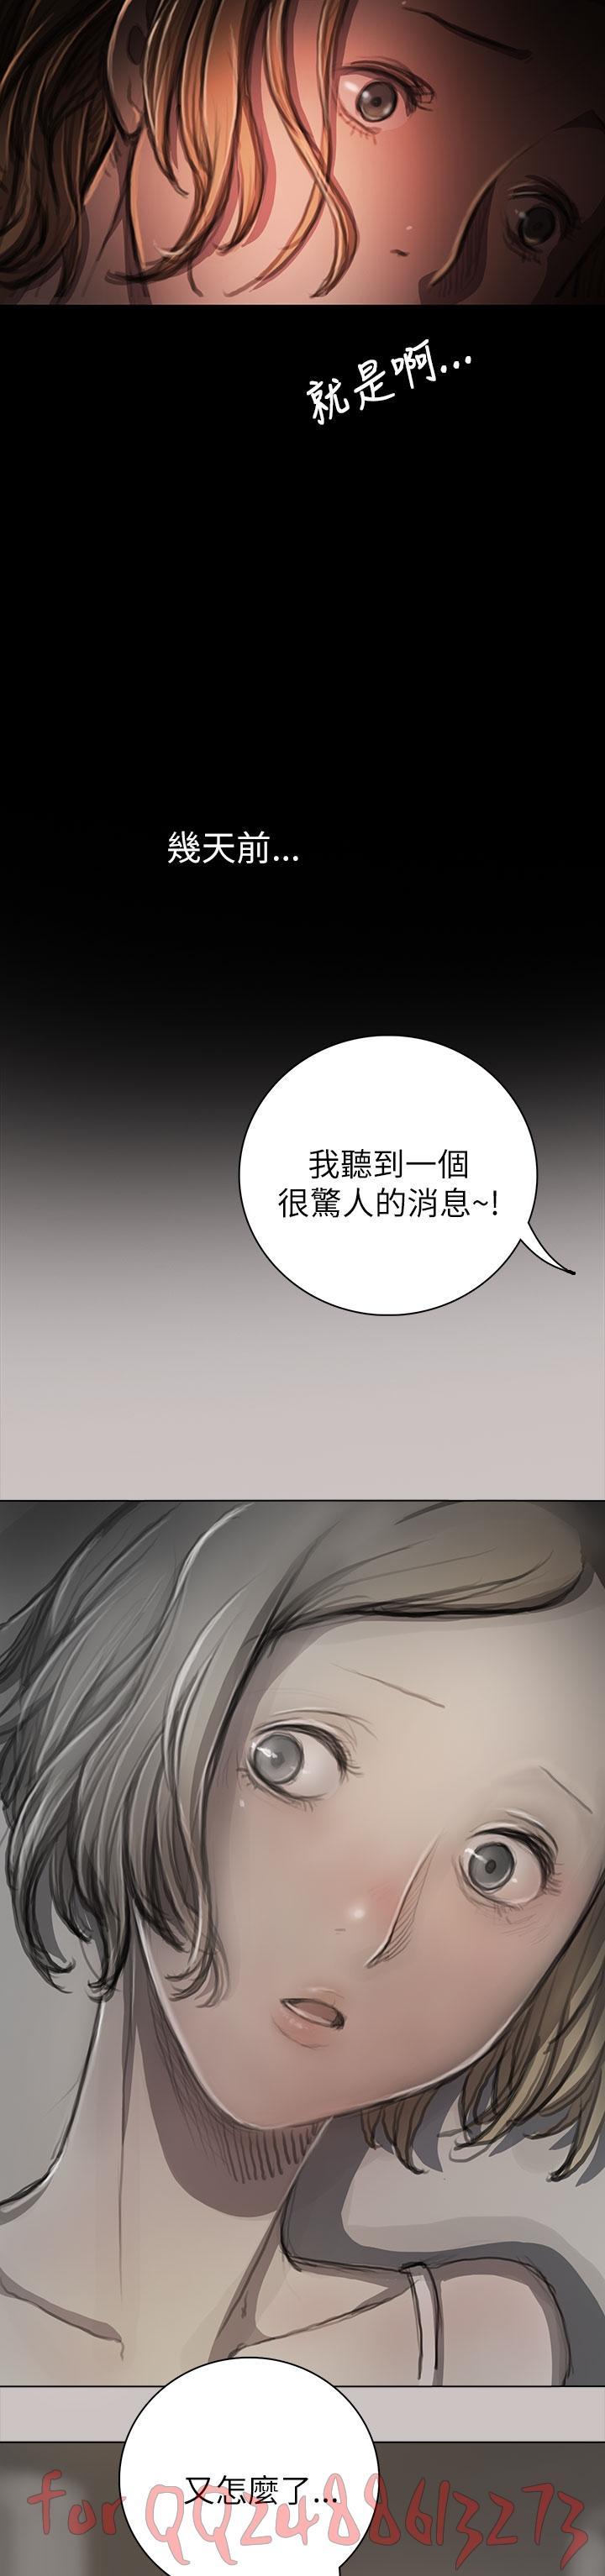 姊姊: 莲 第1~10話 [Chinese]中文 351